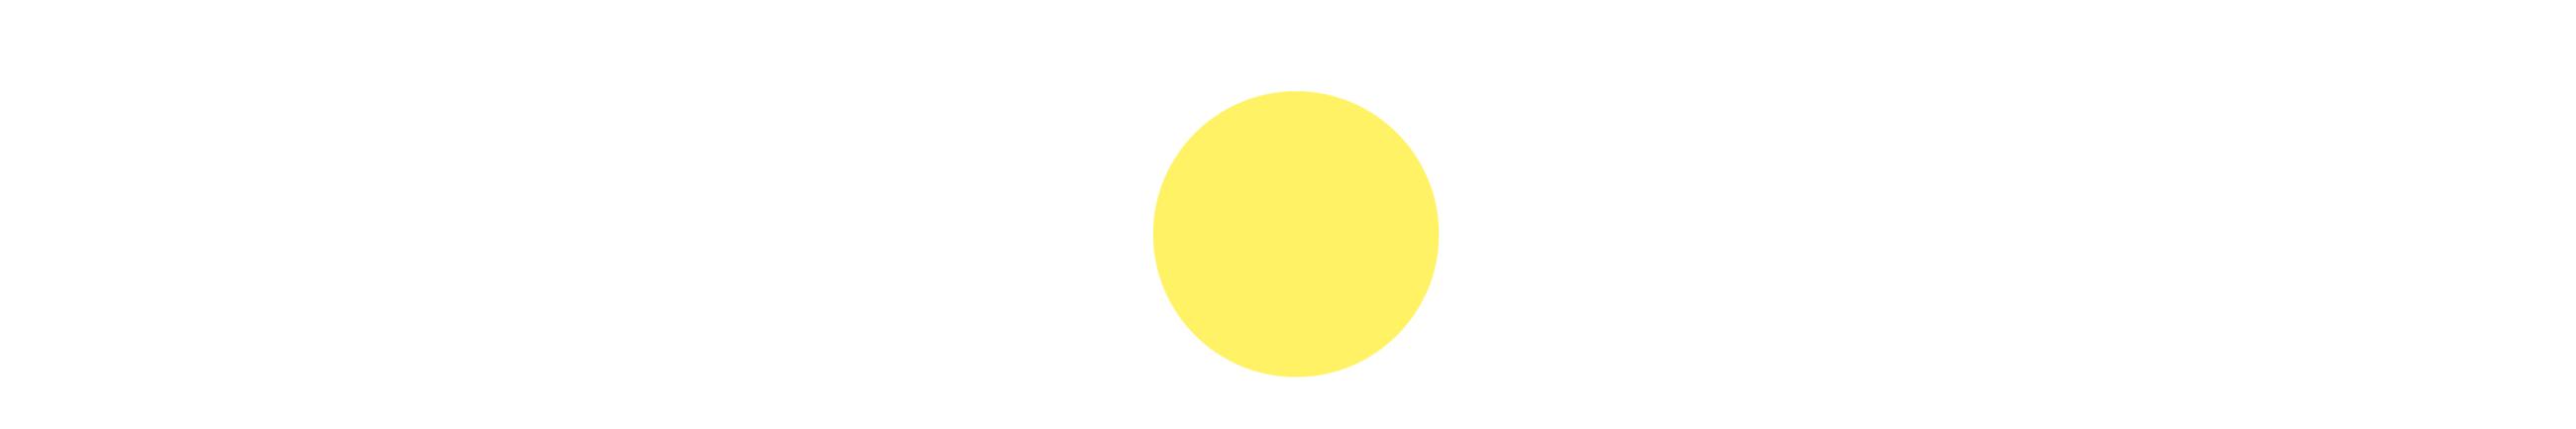 img sun